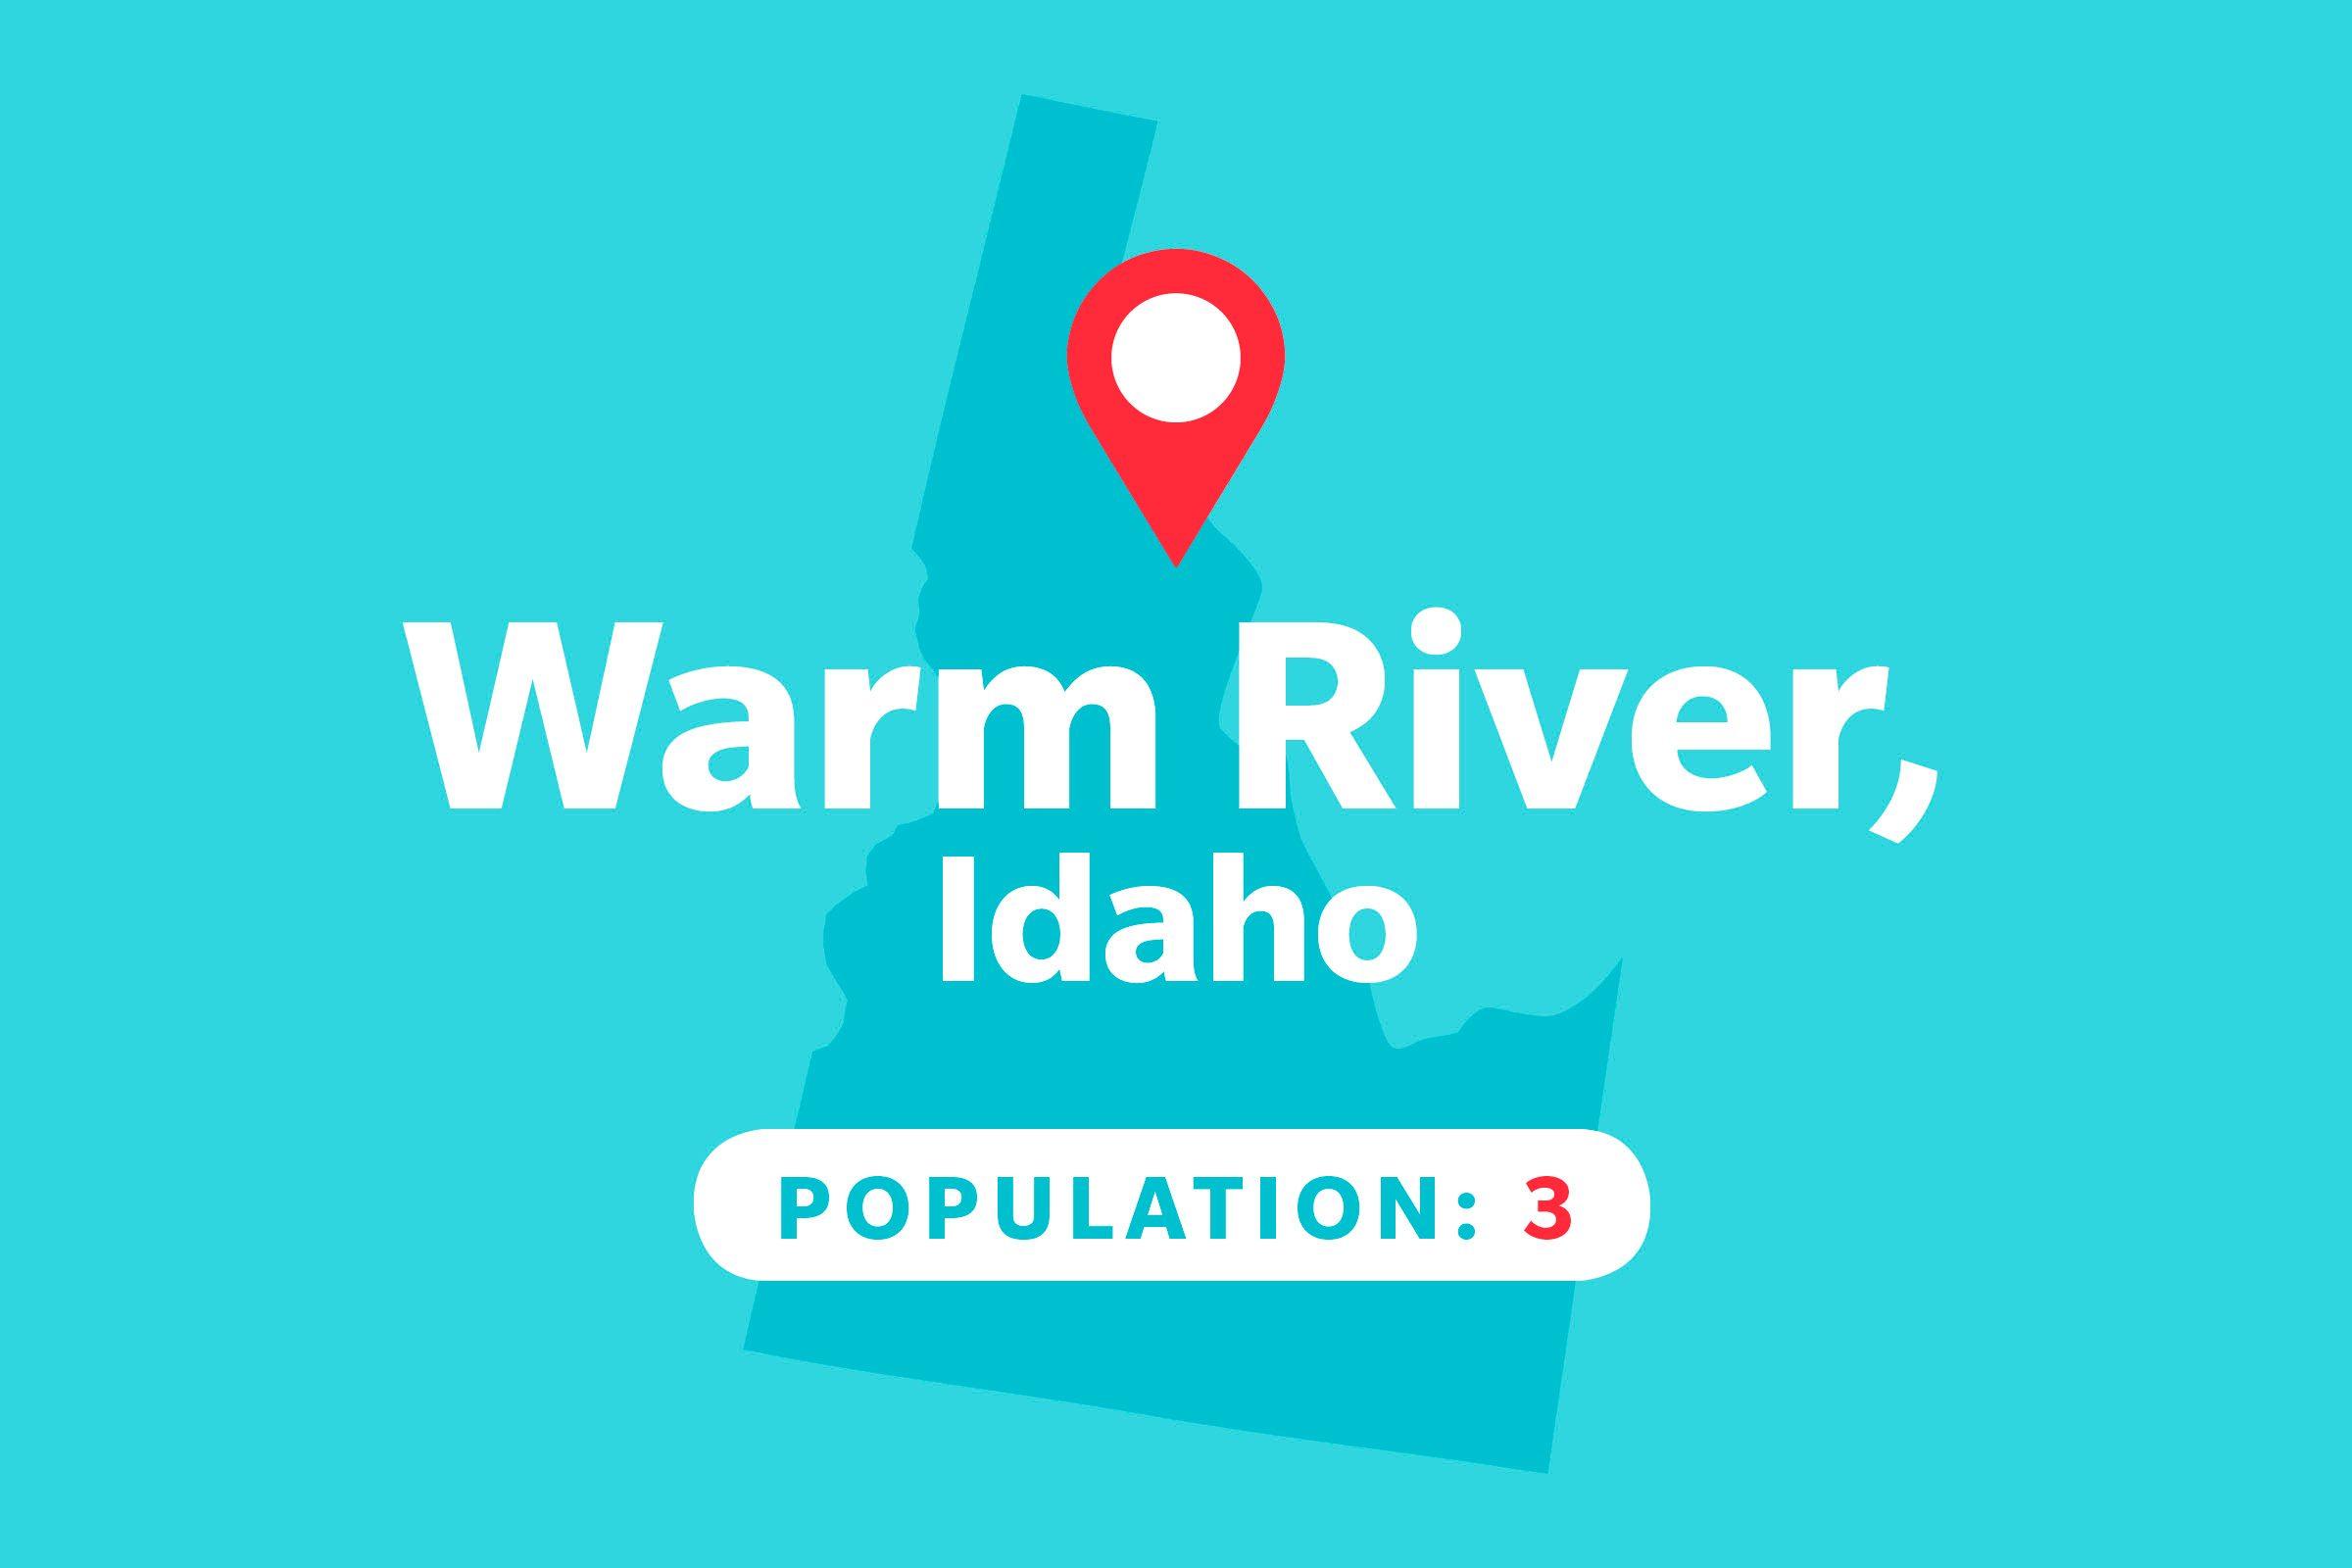 Warm River, Idaho